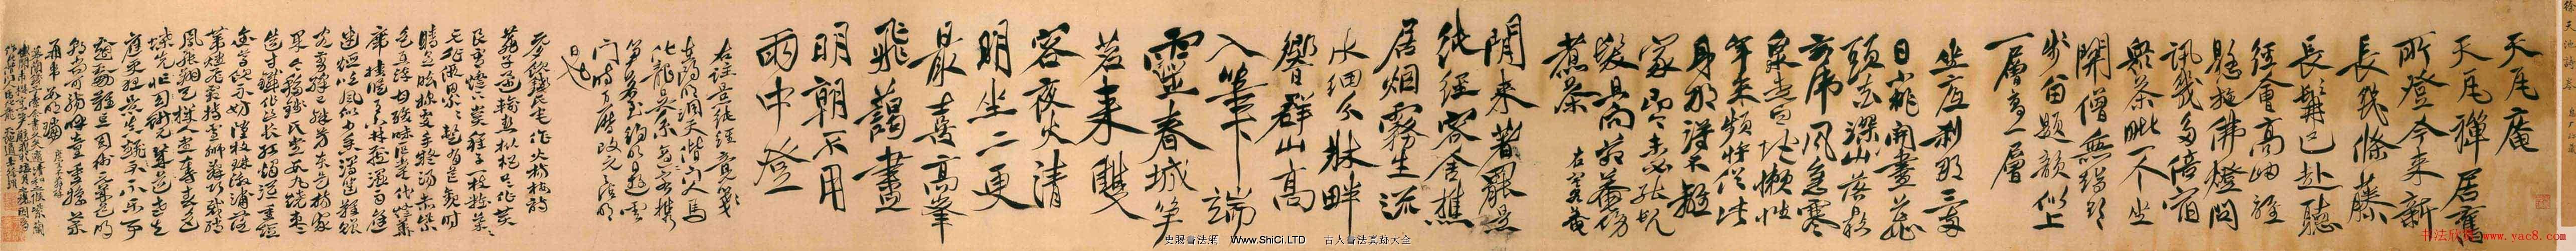 明代徐渭行草書法真跡欣賞《天瓦庵詩卷》(共5張圖片)